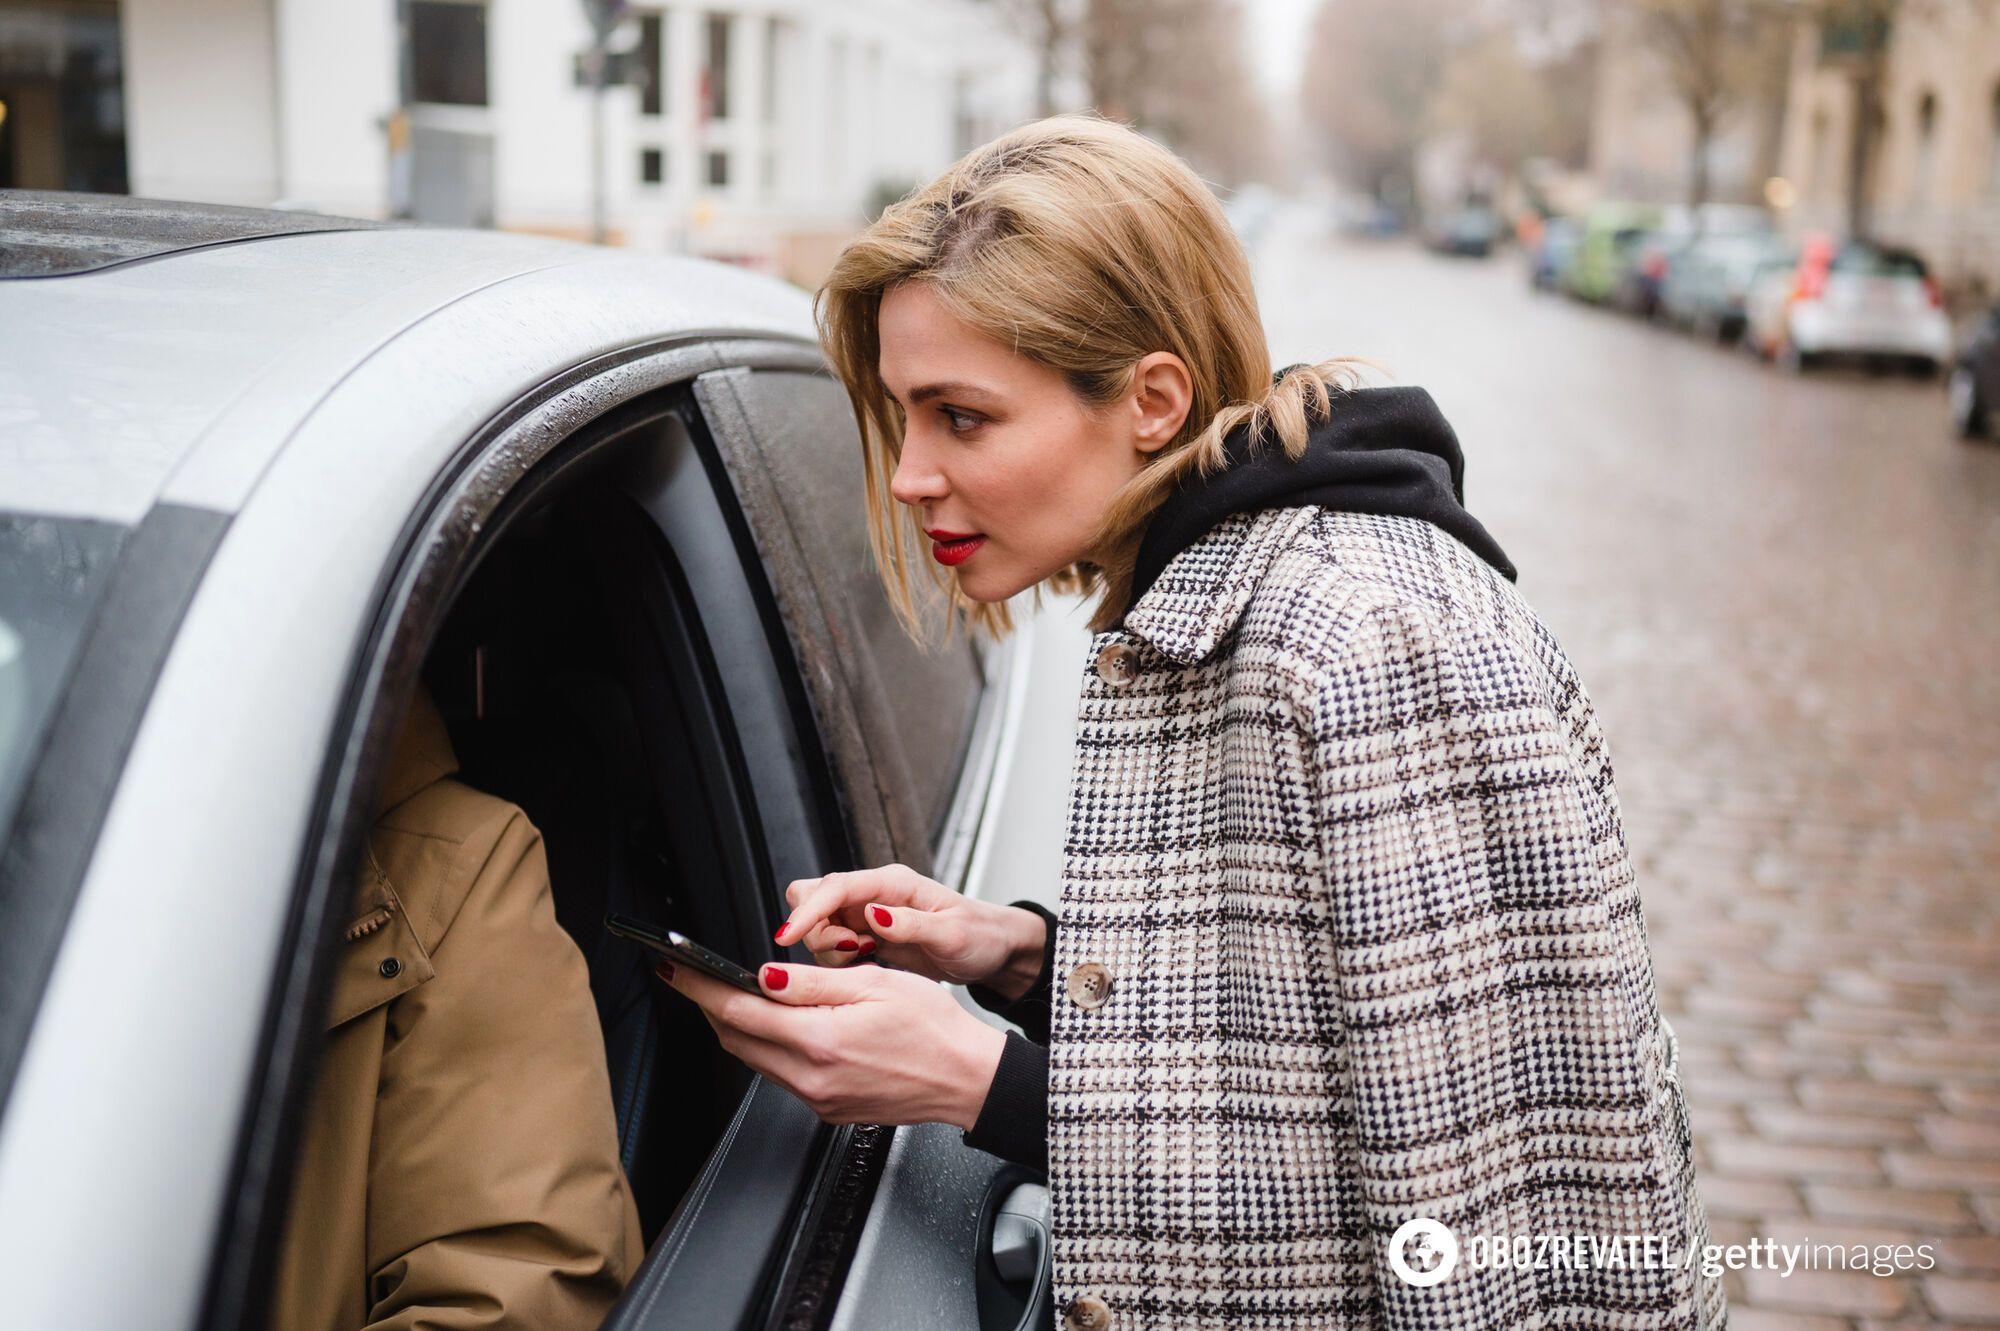 Liqpay від ПриватБанку відмінно підійде для оплати в таксі